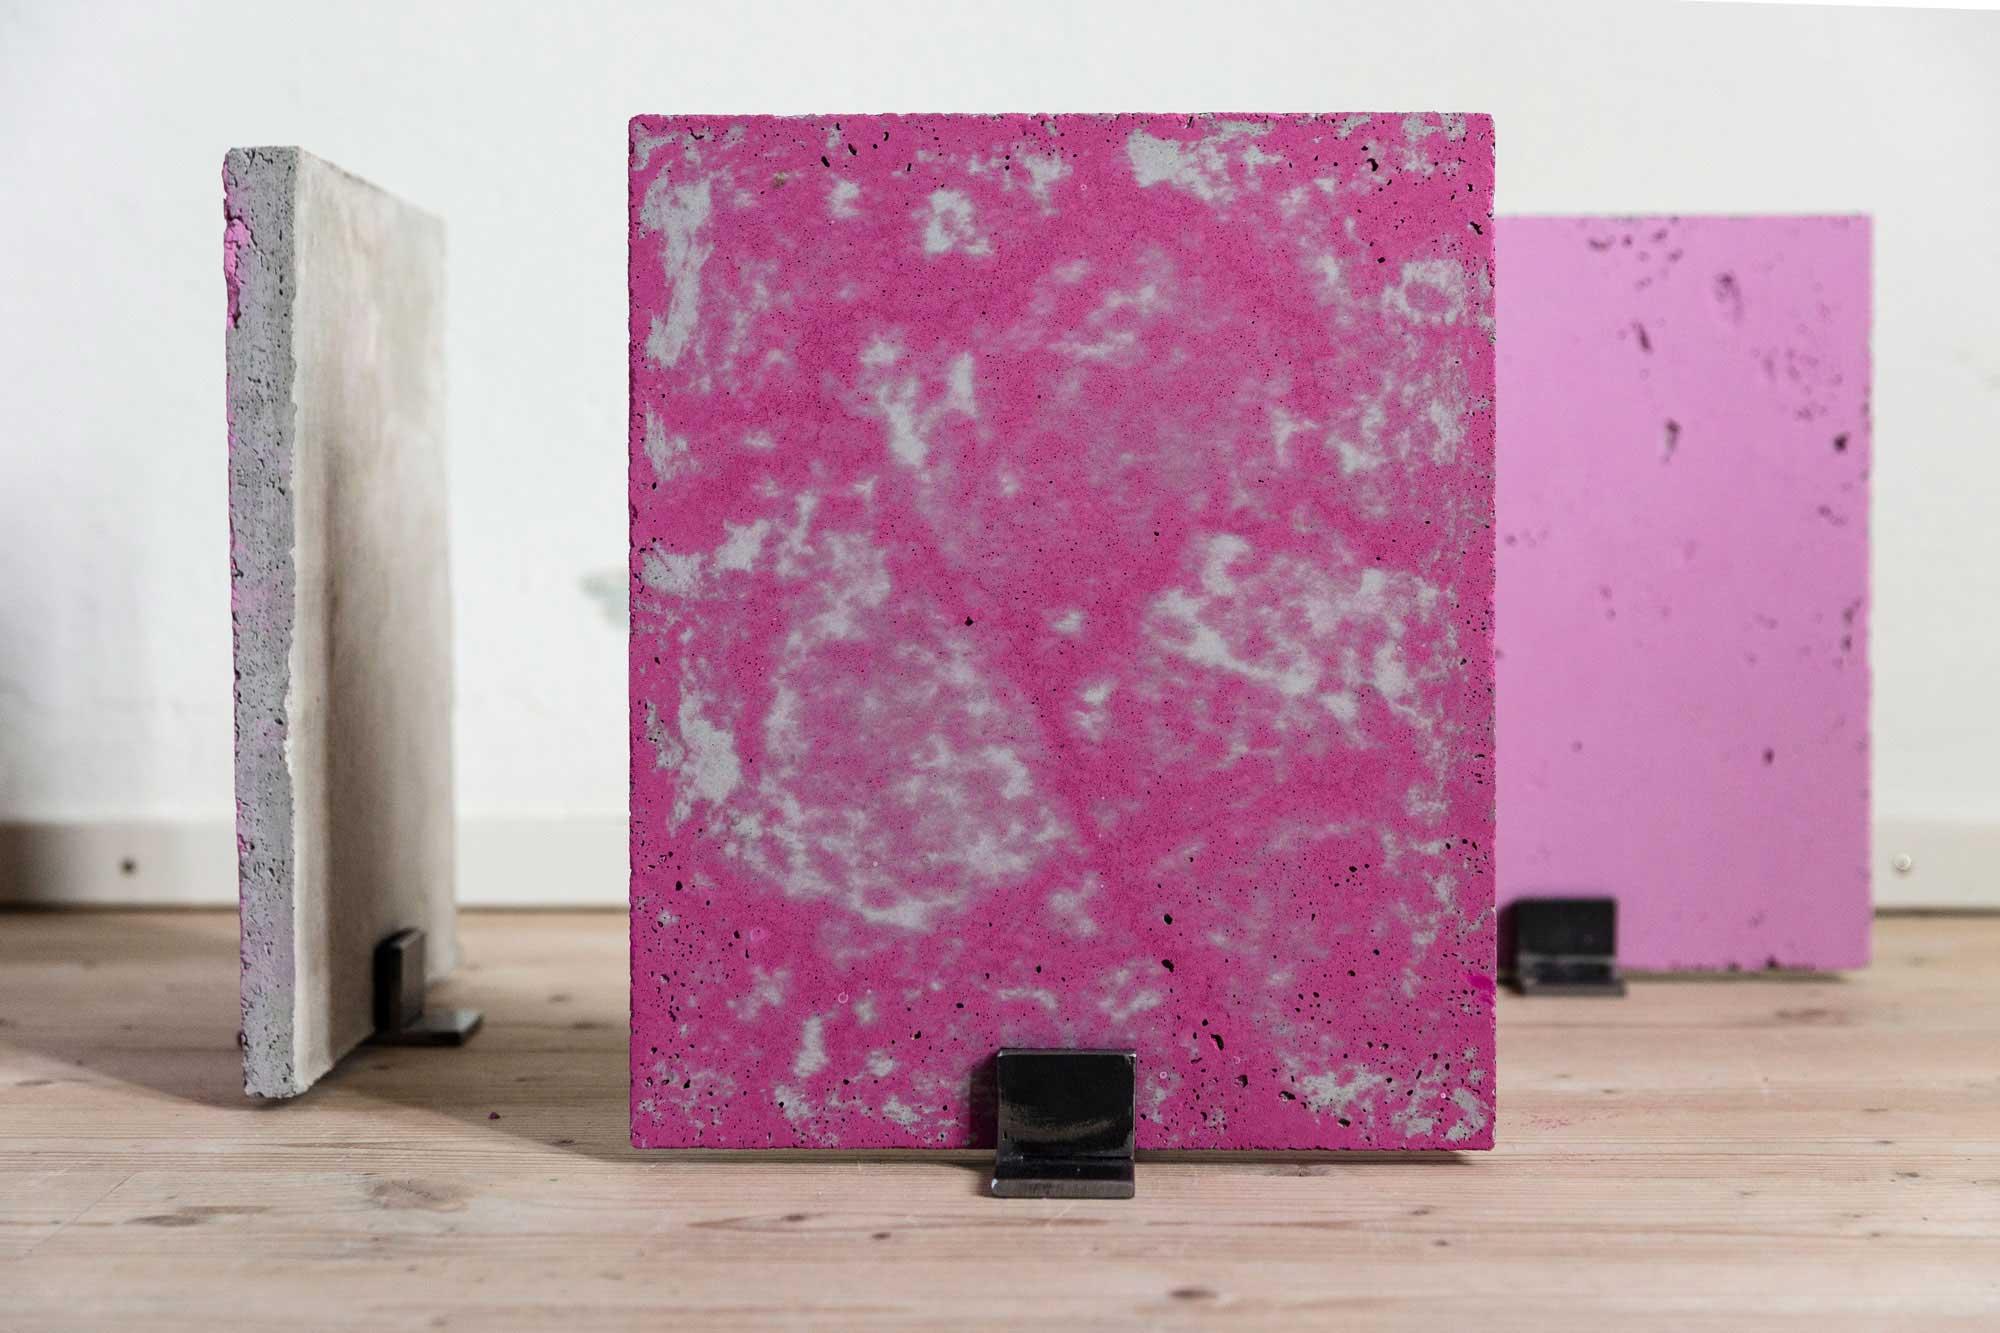 Luka-Jana-Berchtold_ConcreteDreams_pink-series_02-c-Melanie-Schneider